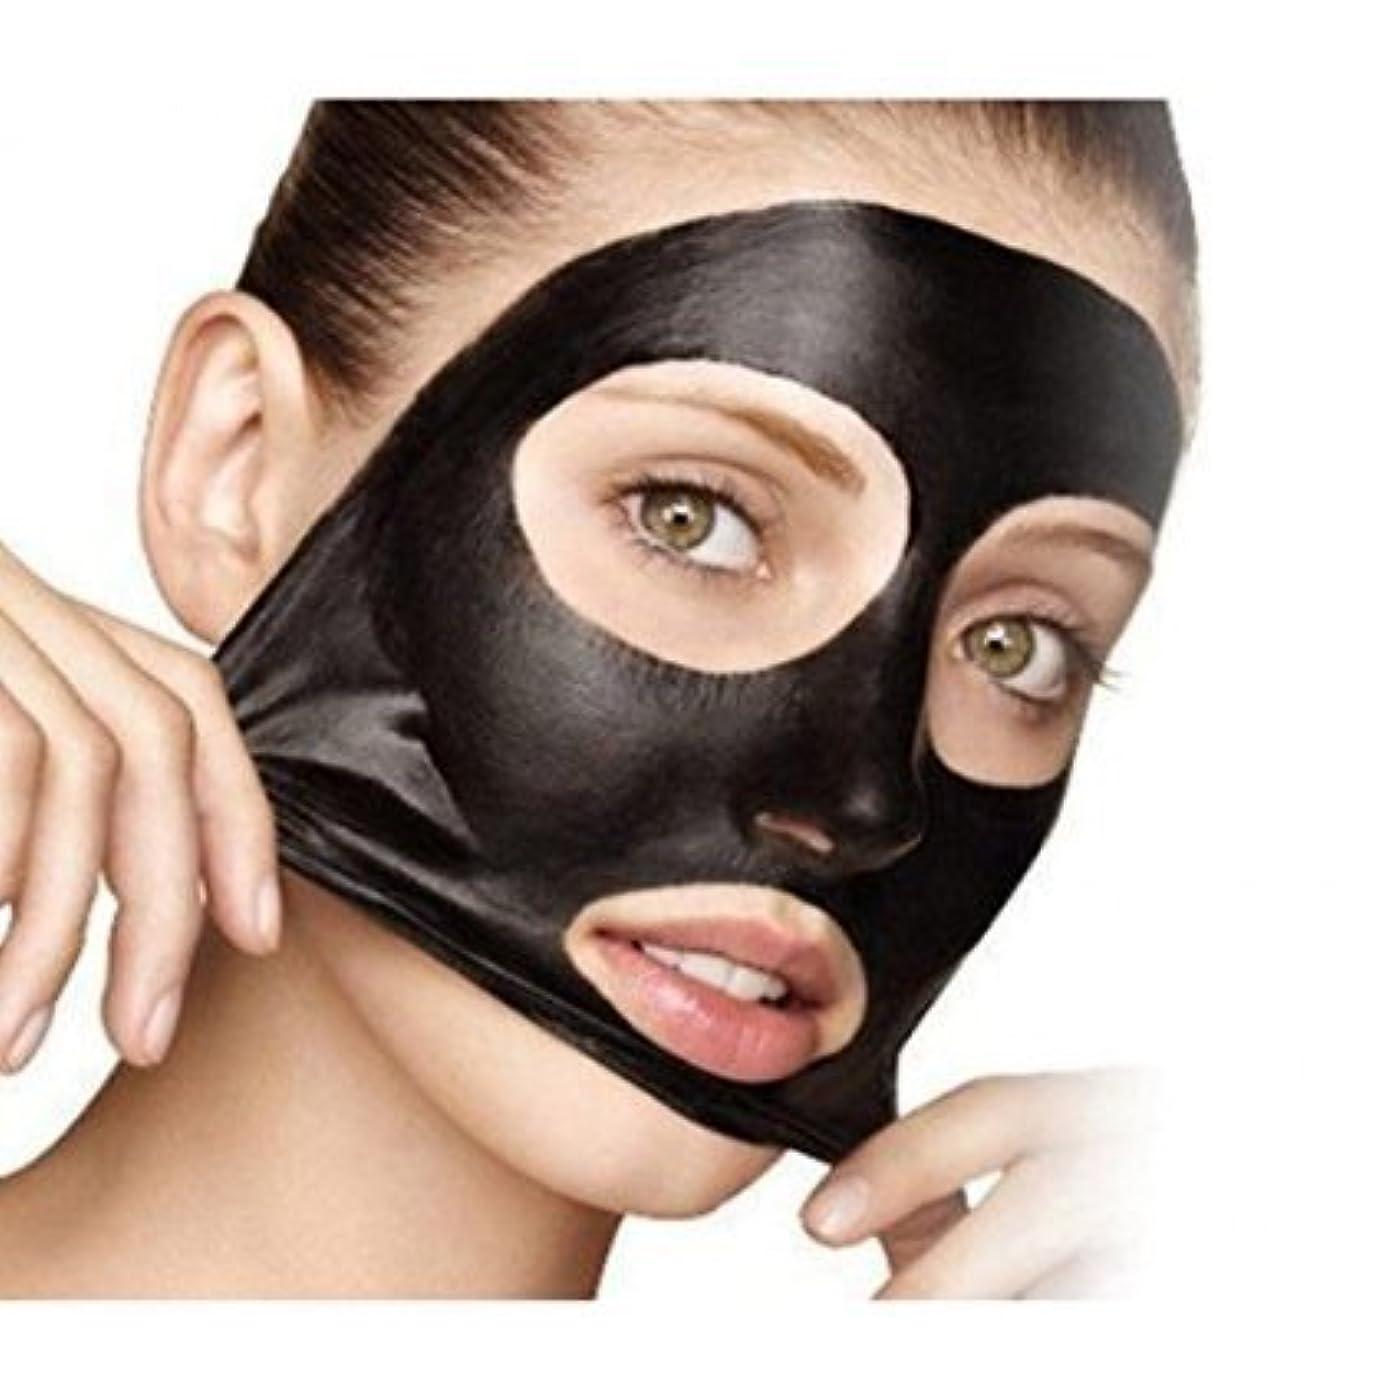 食用スナッチダーリン5 x Mineral Mud Nose Pore Cleansing Blackhead Removal Cleaner Membranes Mask by Boolavard® TM